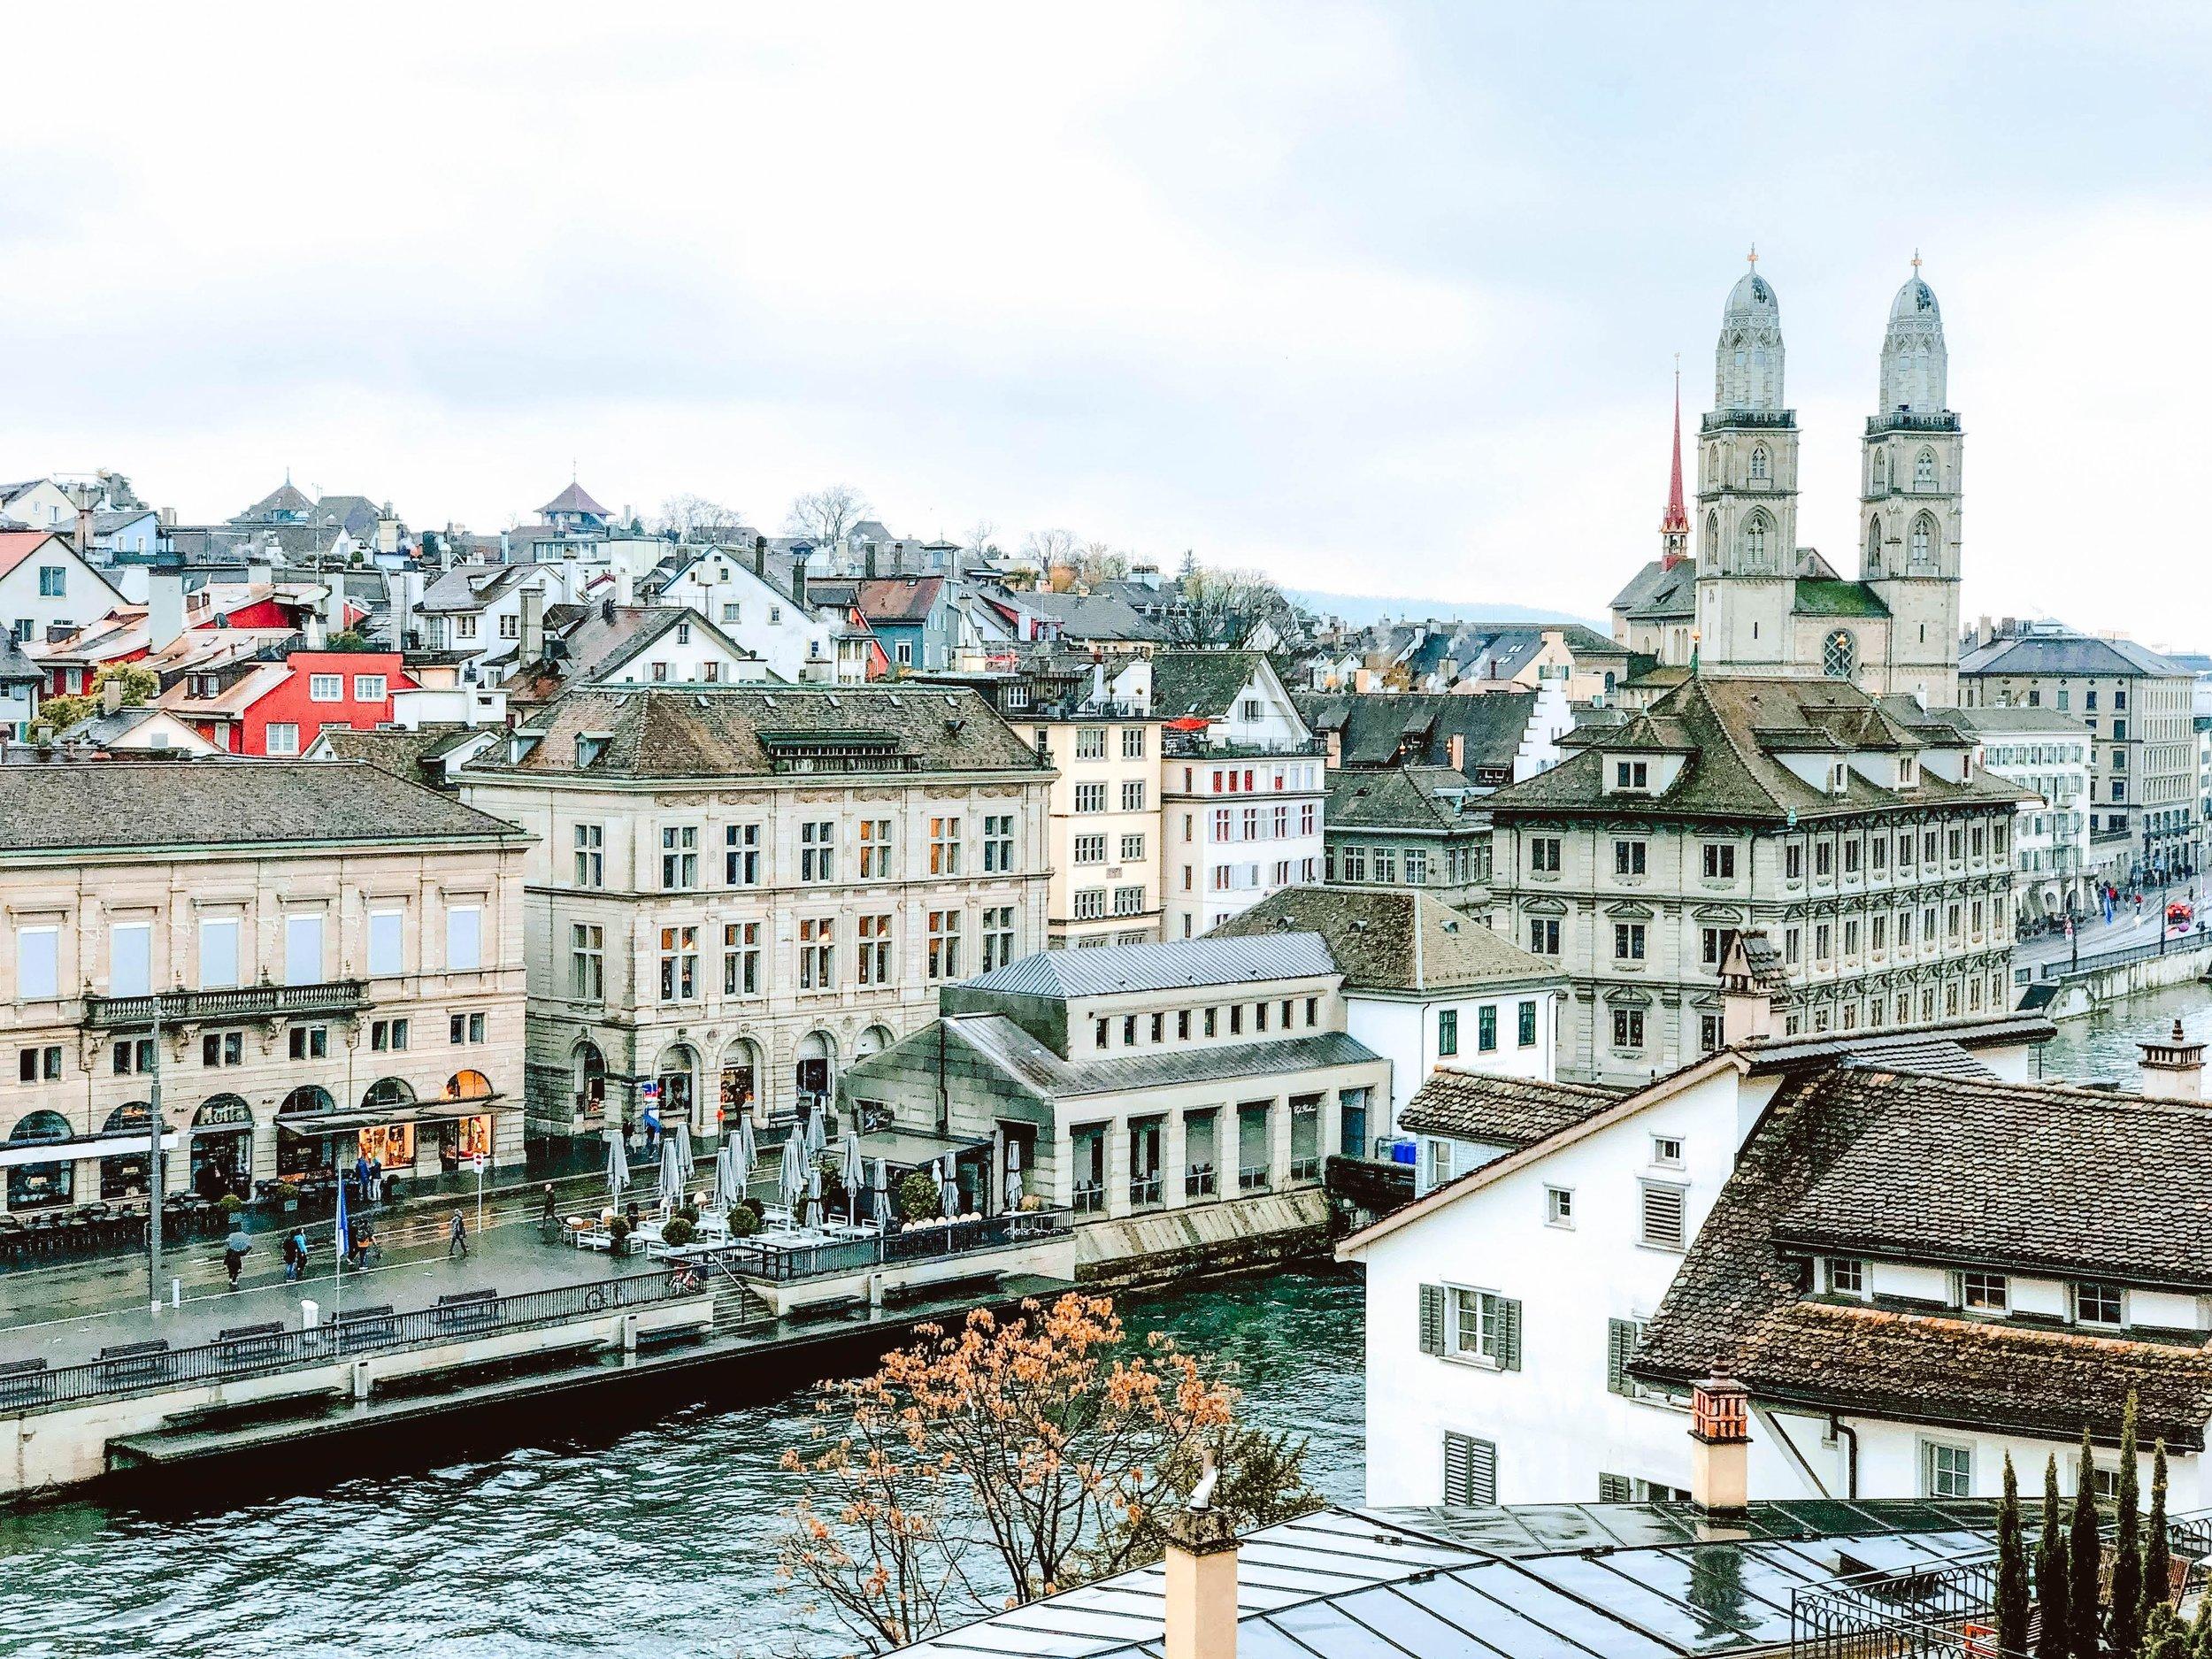 View of Zurich, Switzerland from Lindenhofplatz